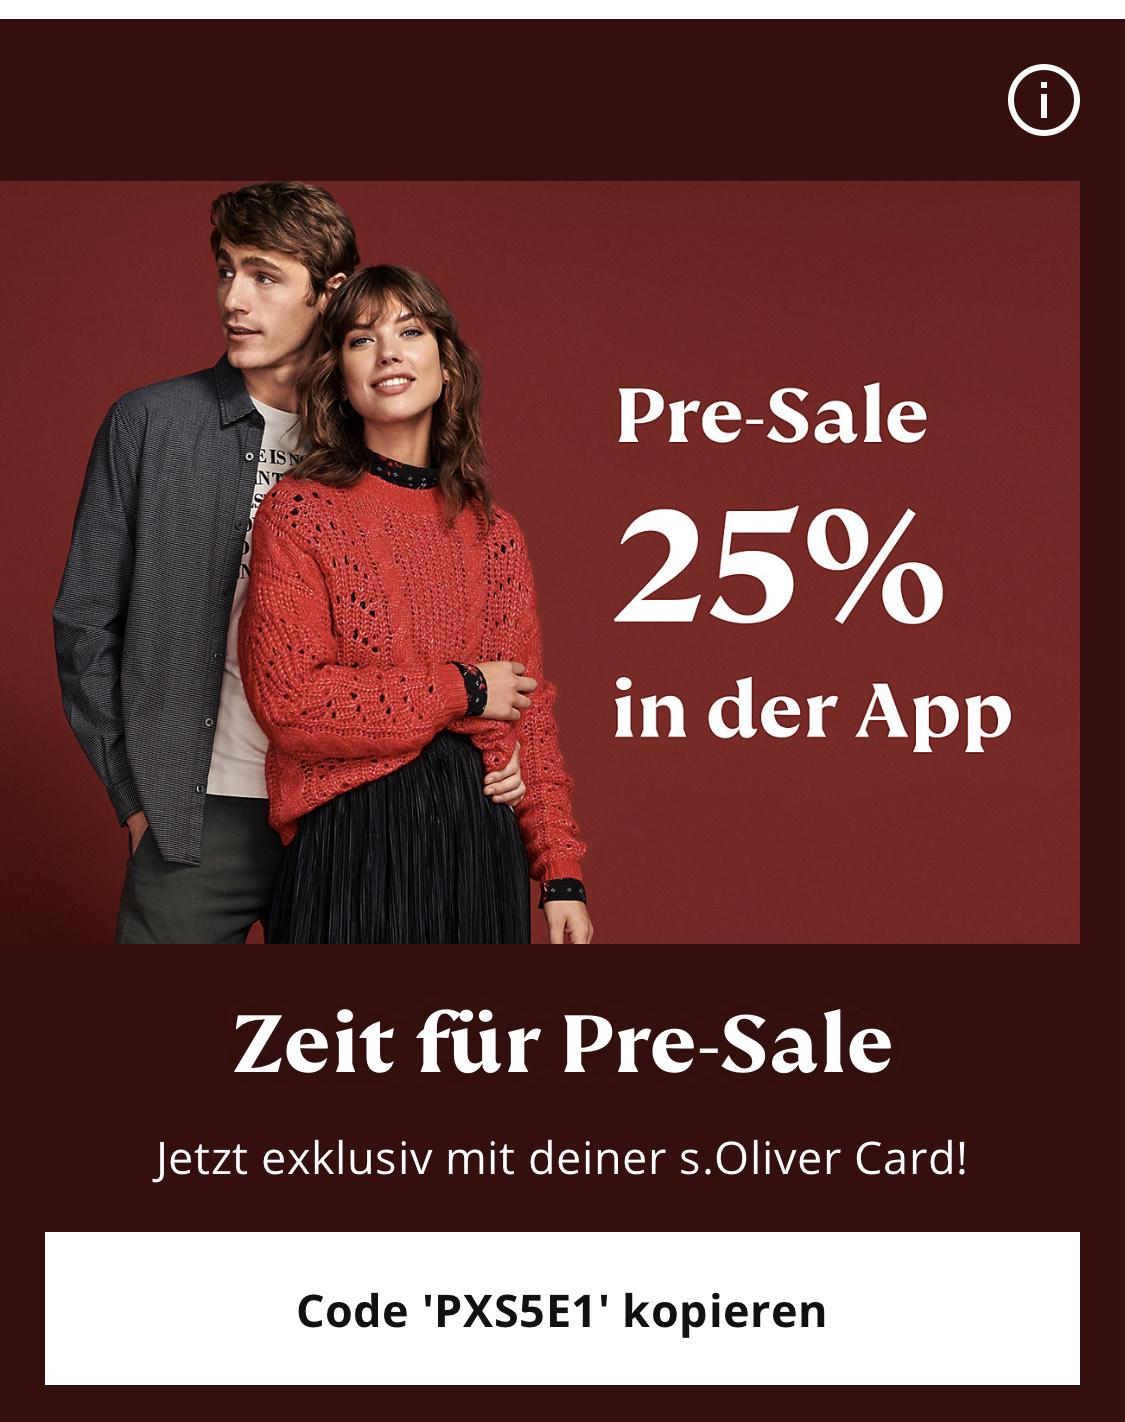 25% Rabatt in s.Oliver App für s.Oliver Card Inhaber / Neu- und Bestandskunden